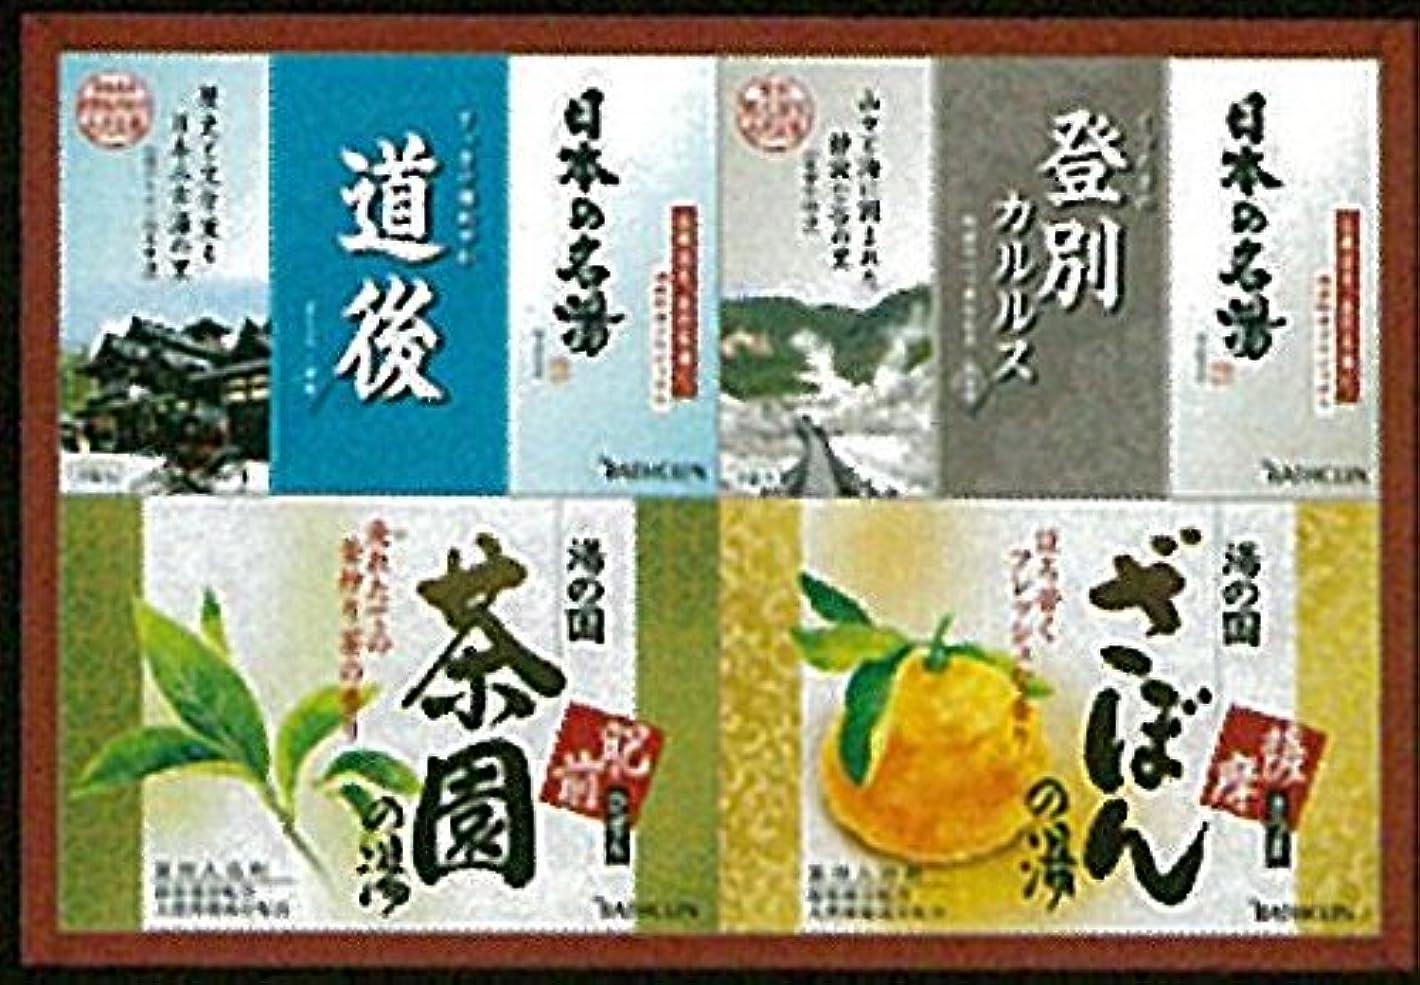 奨励契約ロマンチック湯の国ギフト【B倉庫】